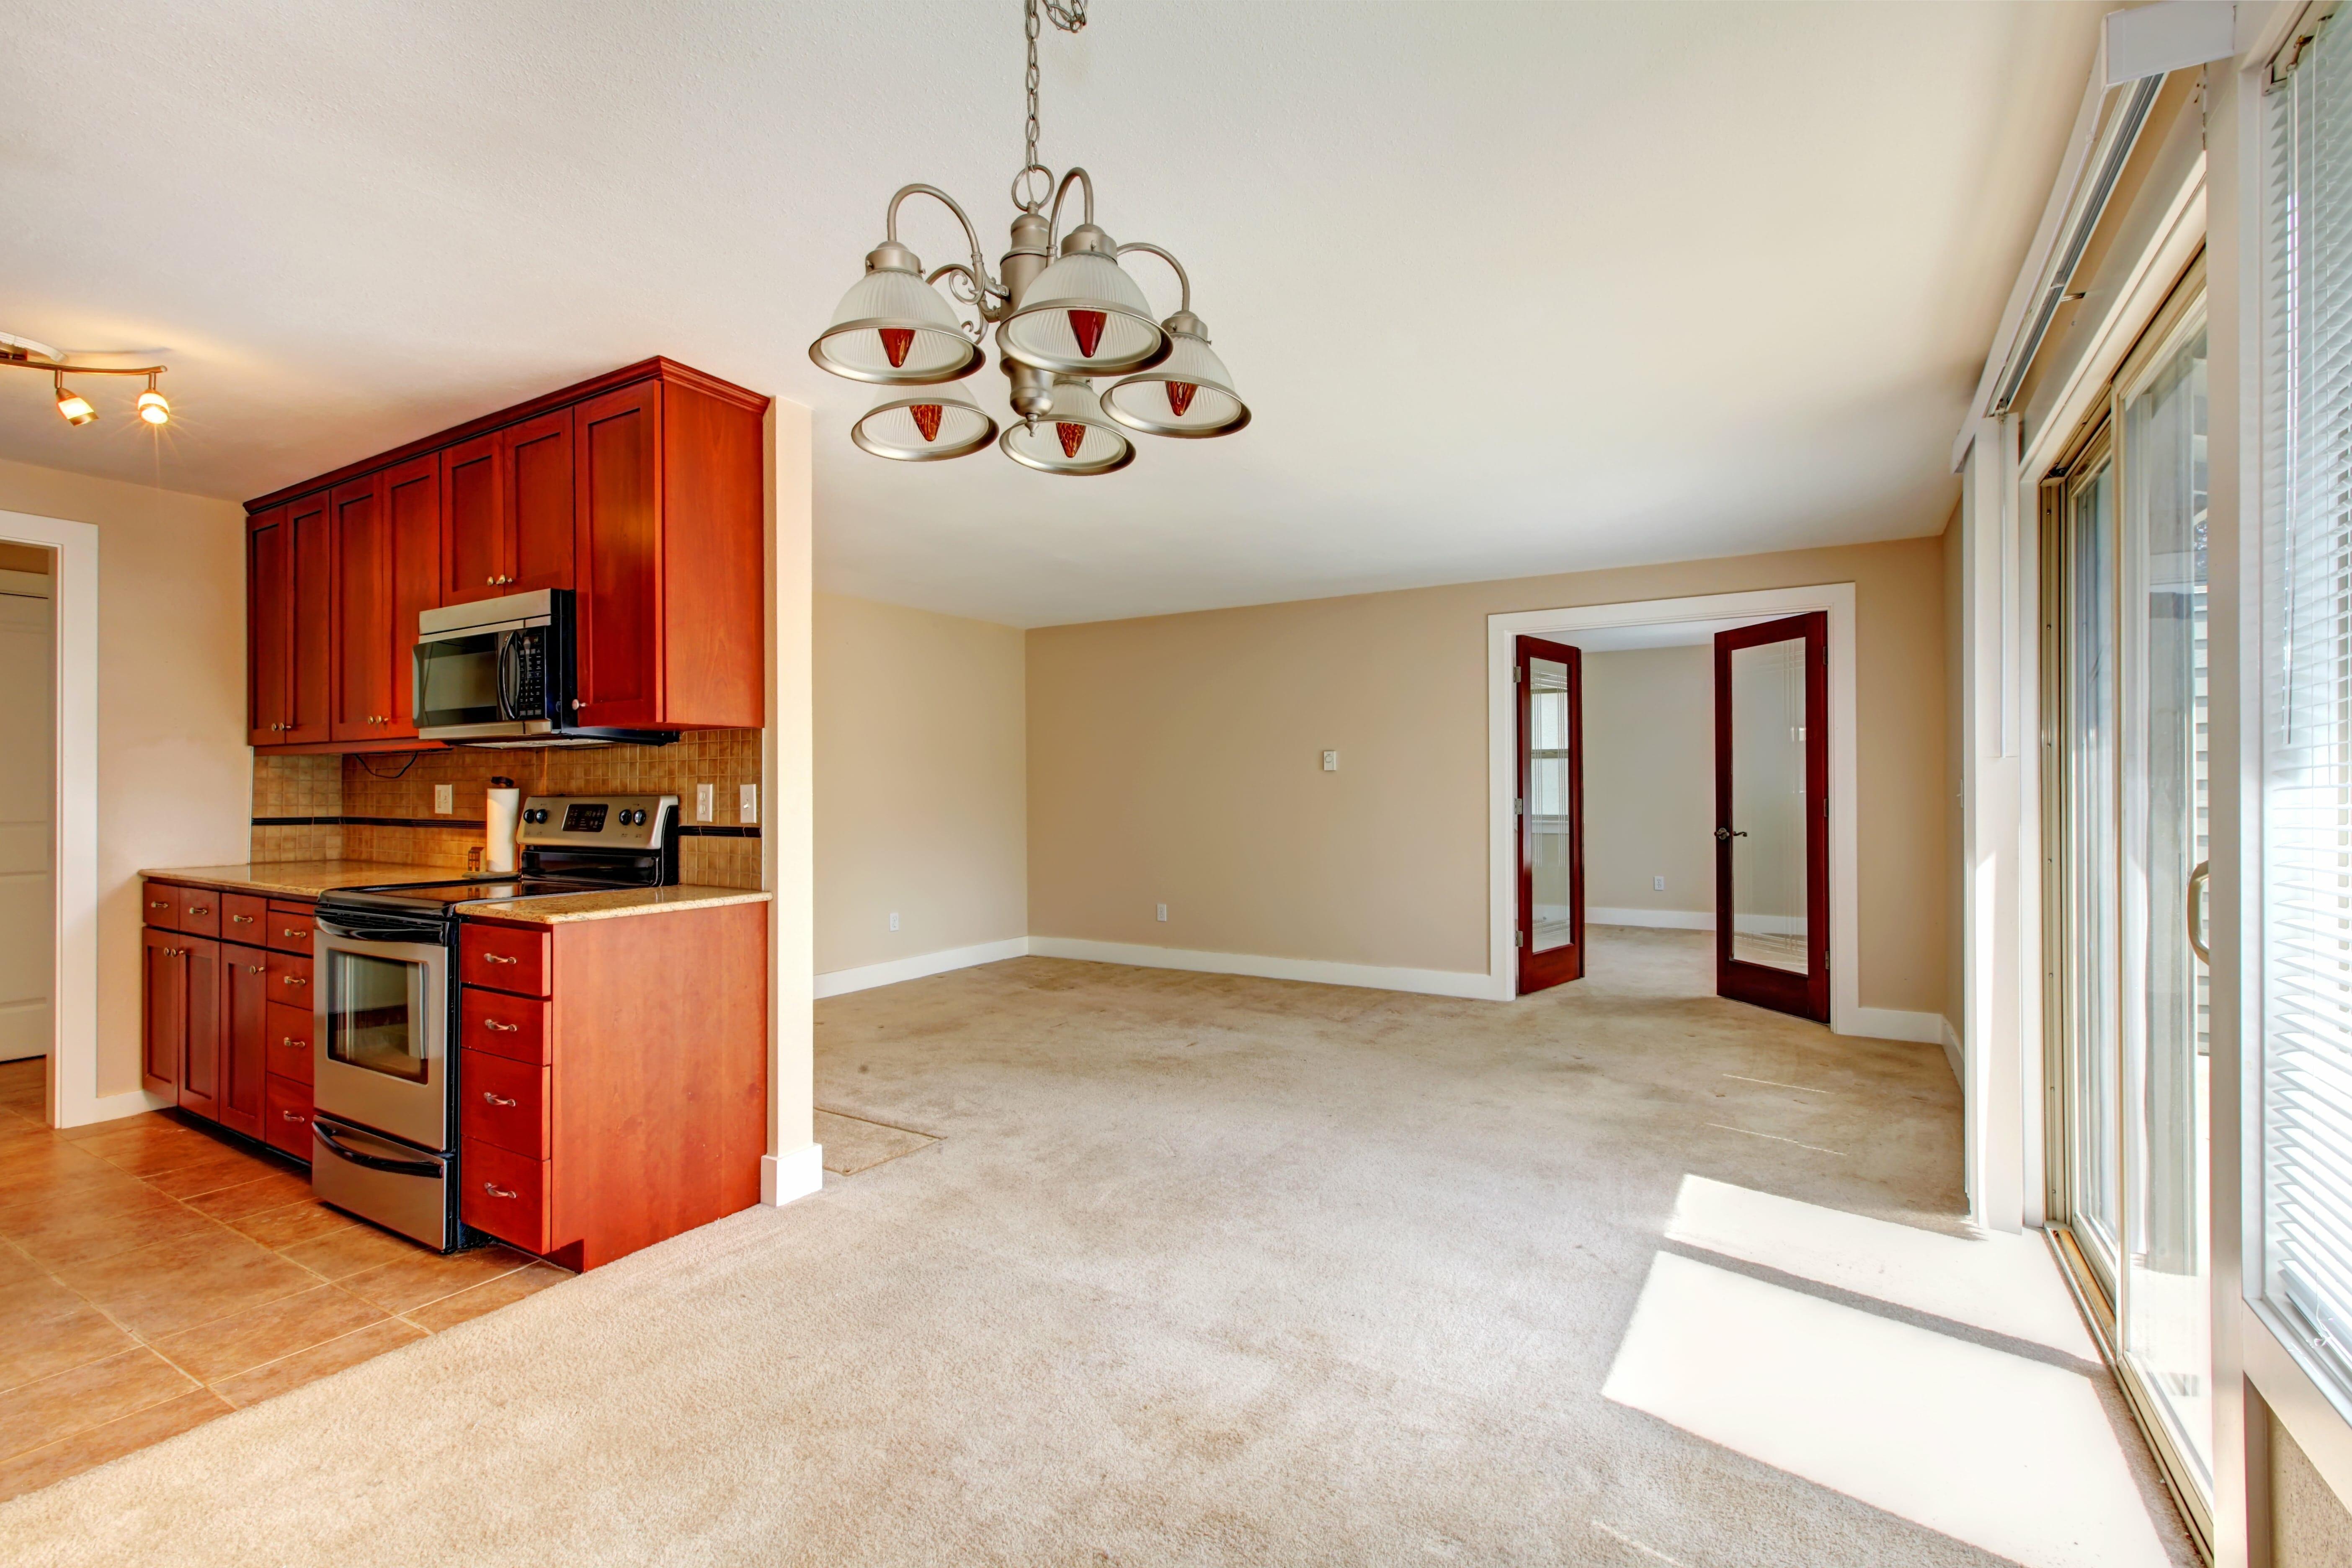 kleine k chen so m sst ihr keine abstriche machen 7roomz. Black Bedroom Furniture Sets. Home Design Ideas